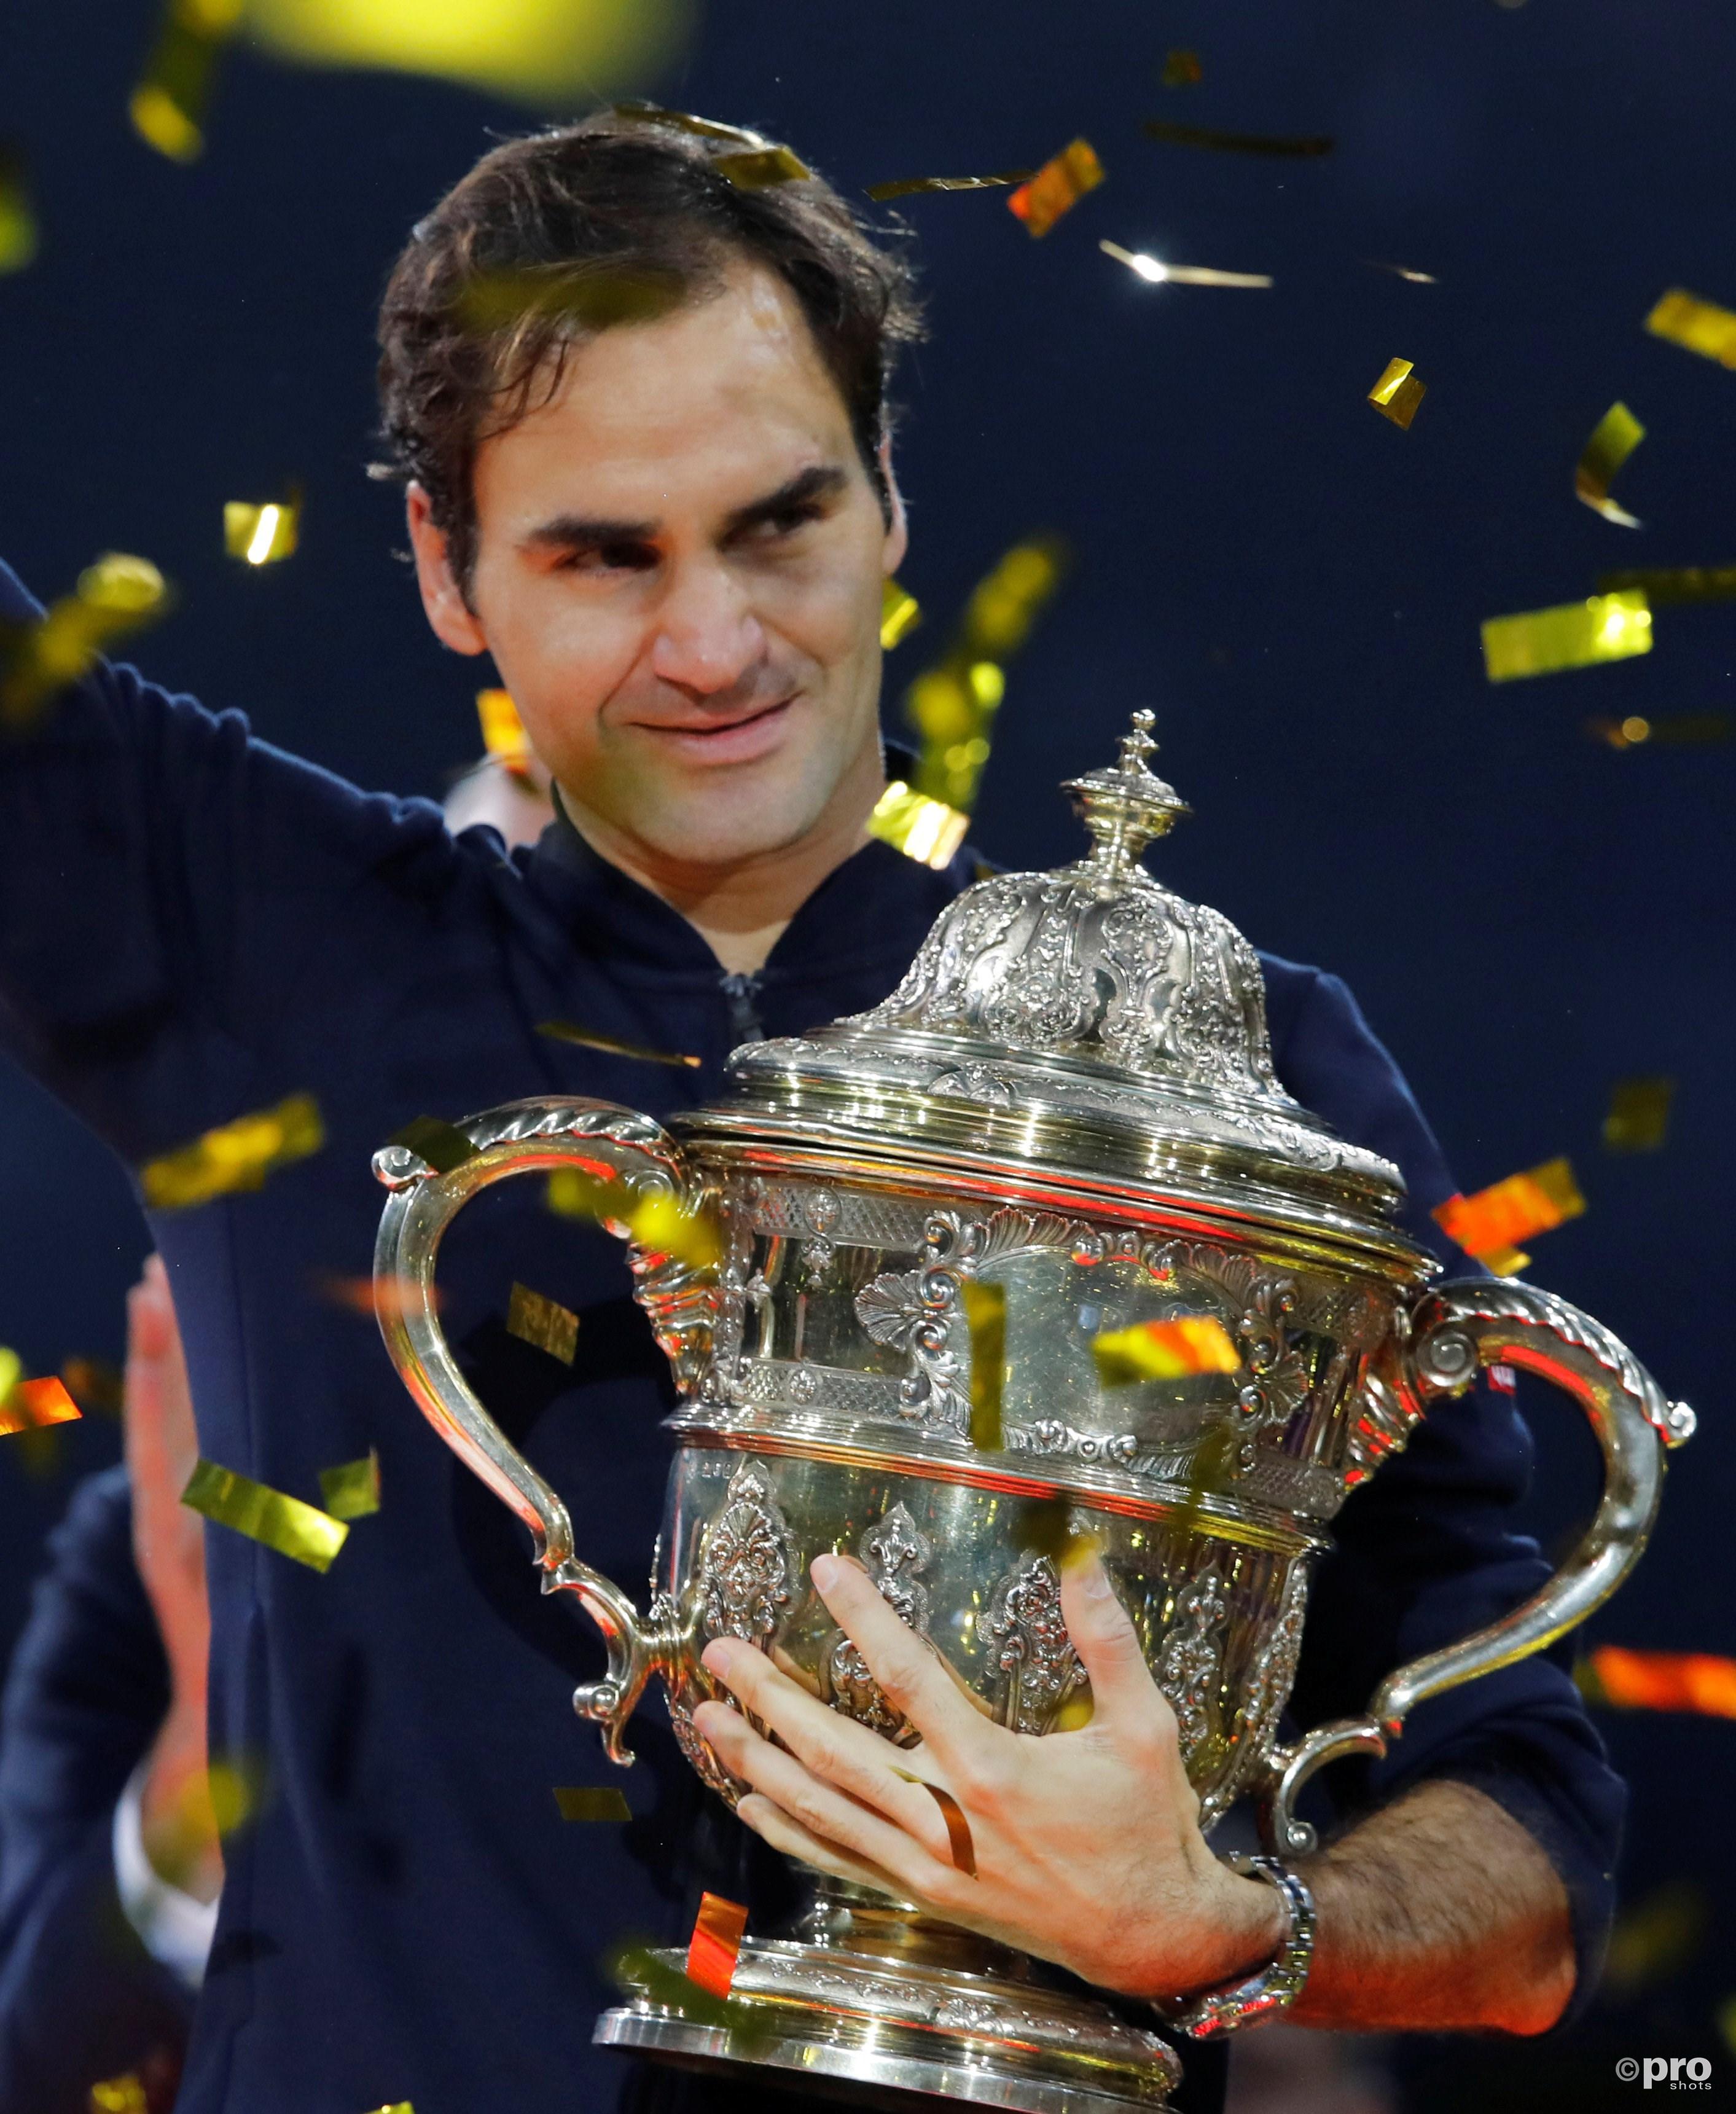 Toernooizege #99 voor Roger Federer. (PRO SHOTS/Action Images)